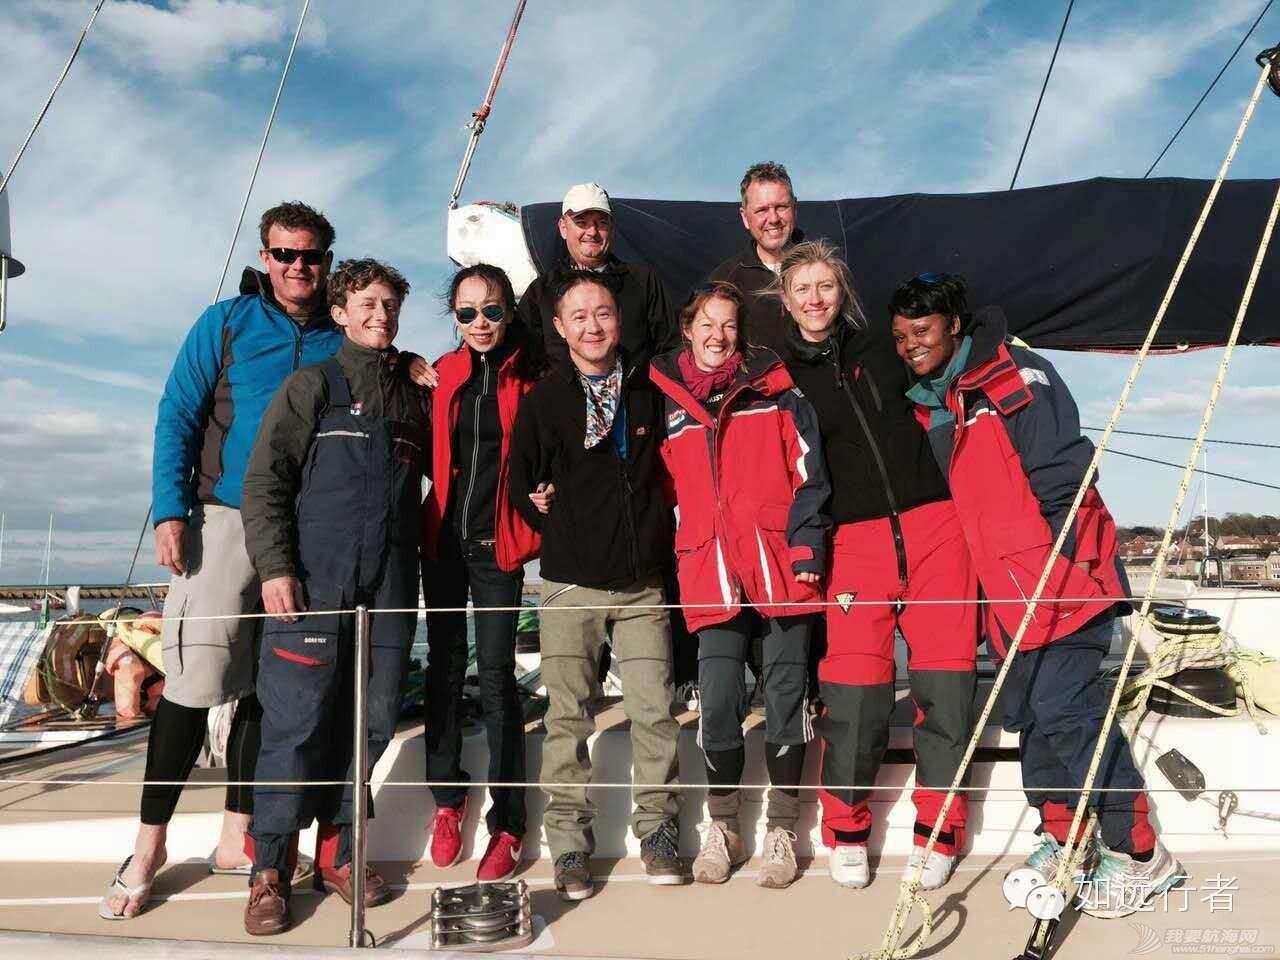 英语面试,体能测试,全世界,好奇心,最大的 克利伯环球帆船赛培训日记一~四 488b6871b74c5b63f0bed81a7c513070.jpg